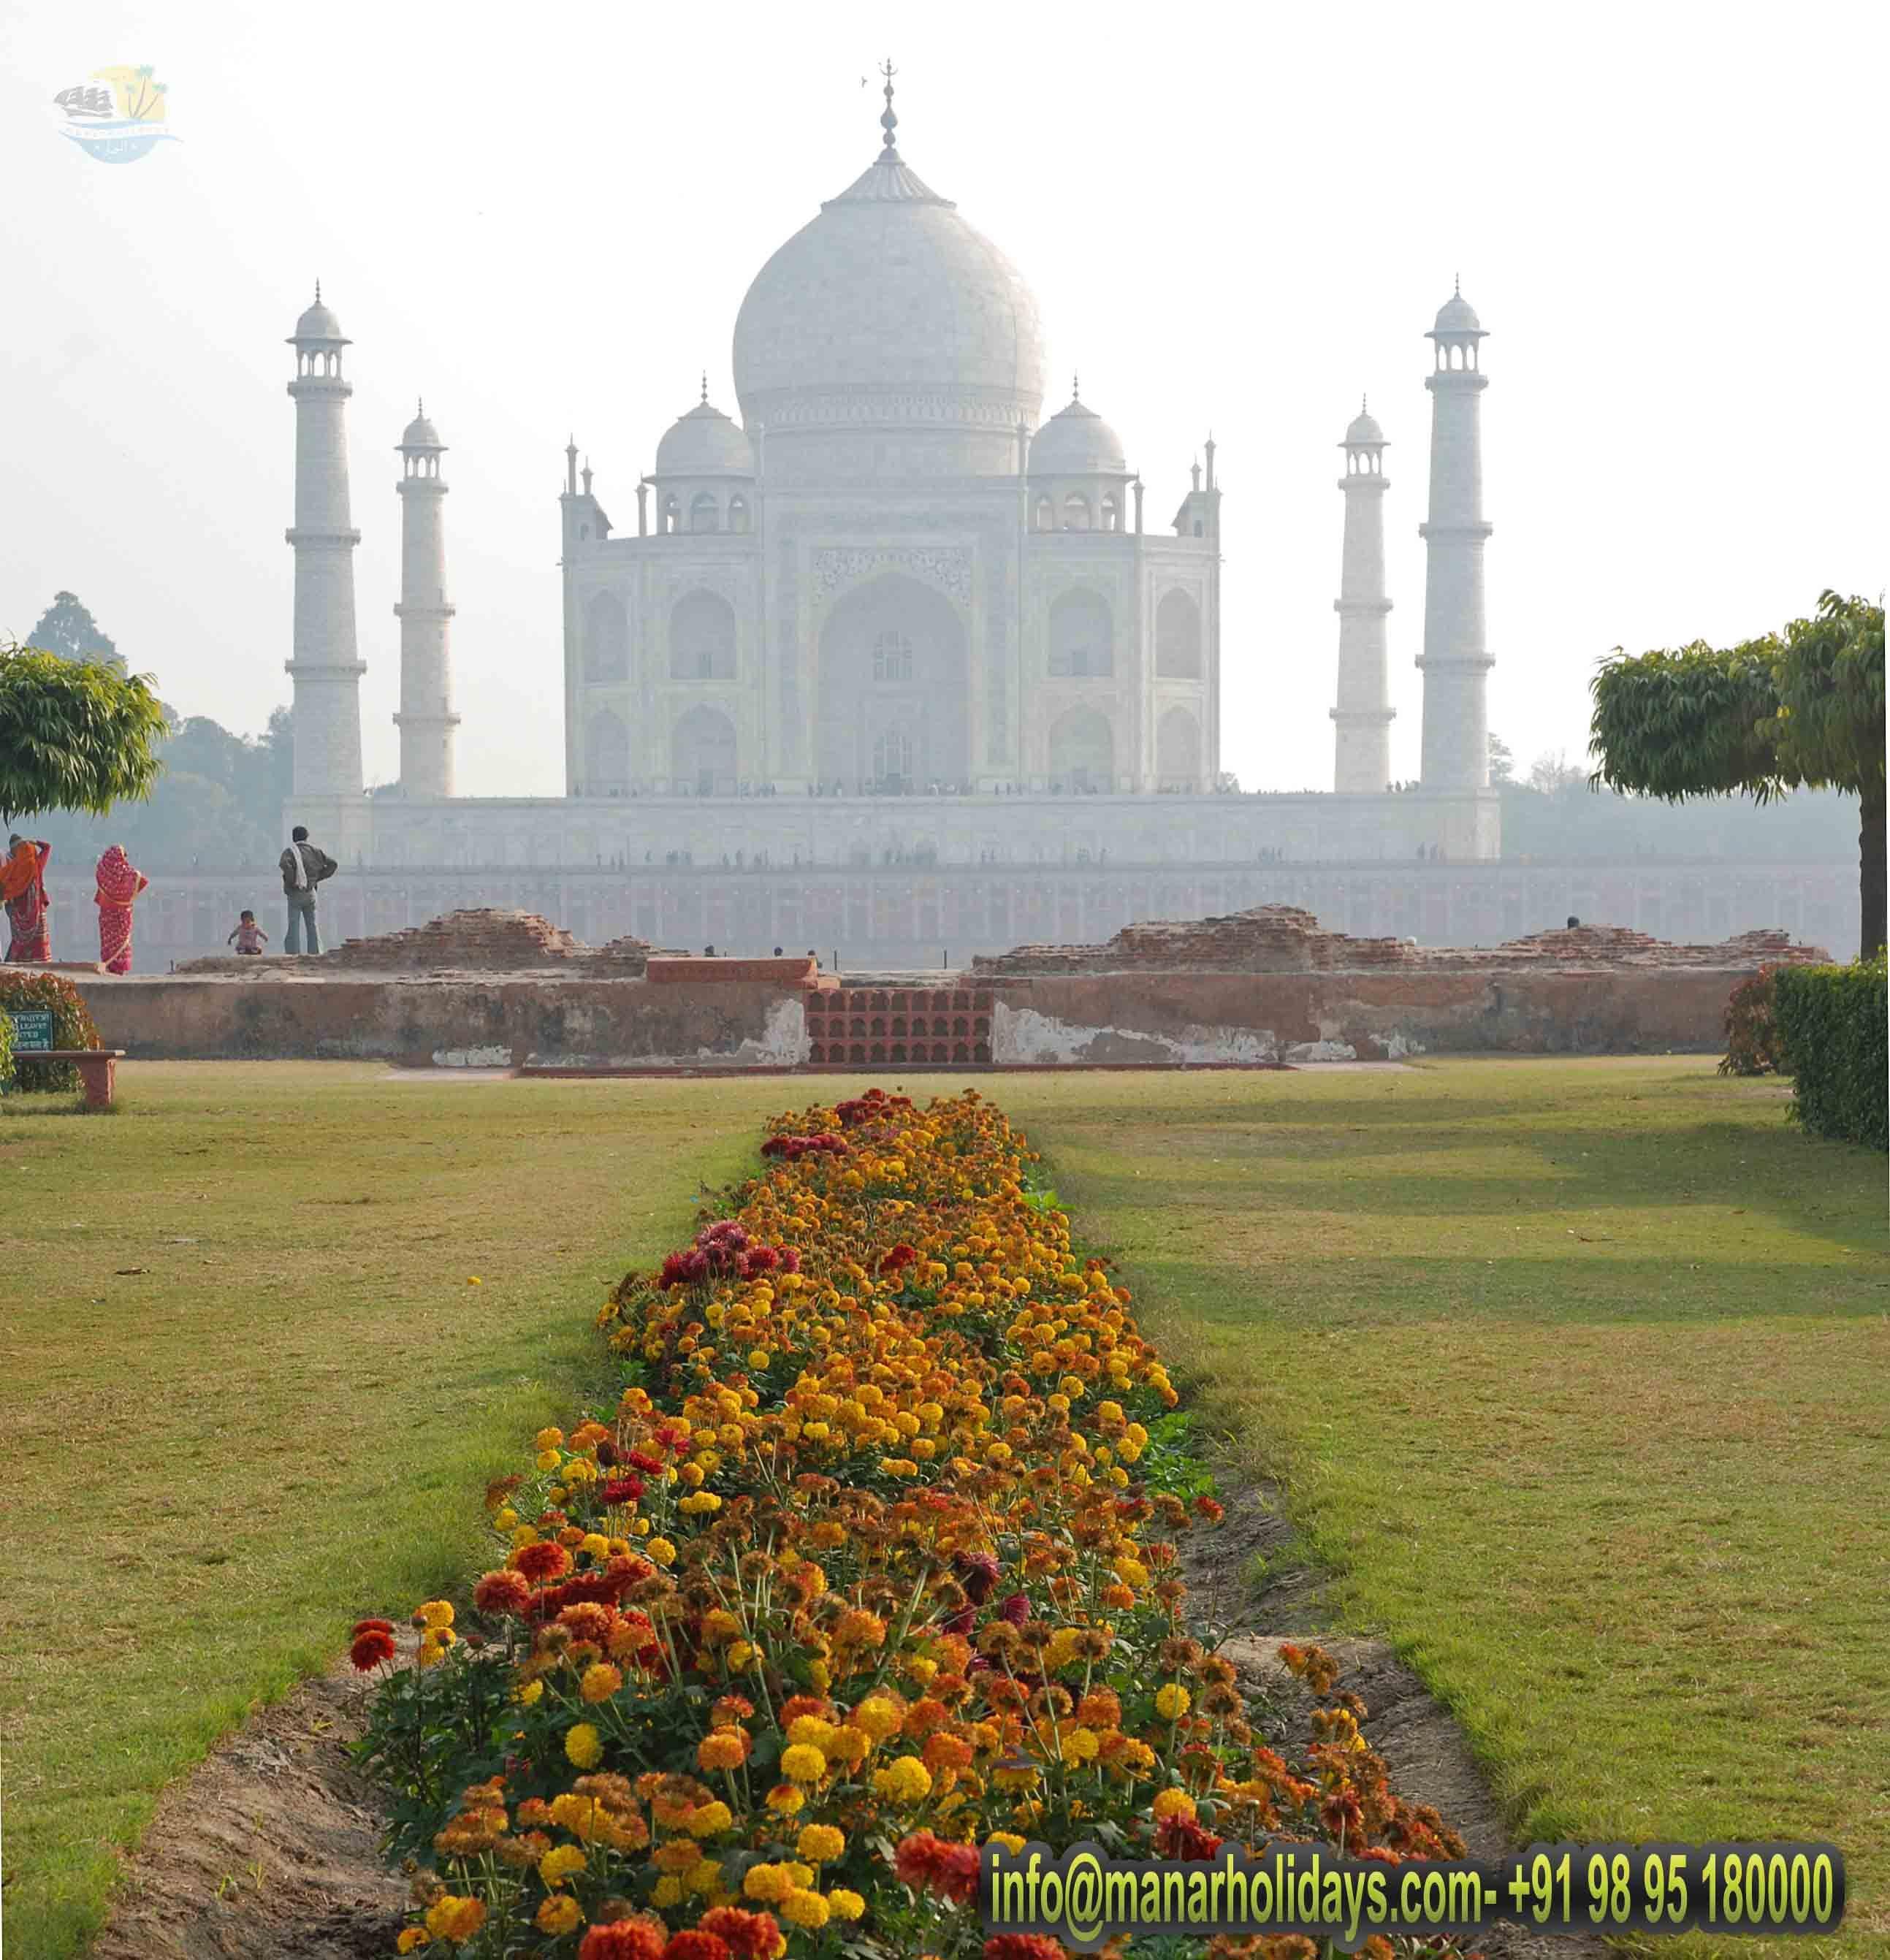 تهاج الحديقة هي واحدة من أجمل حديقة في العالم Seven Wonders Wonders Of The World World